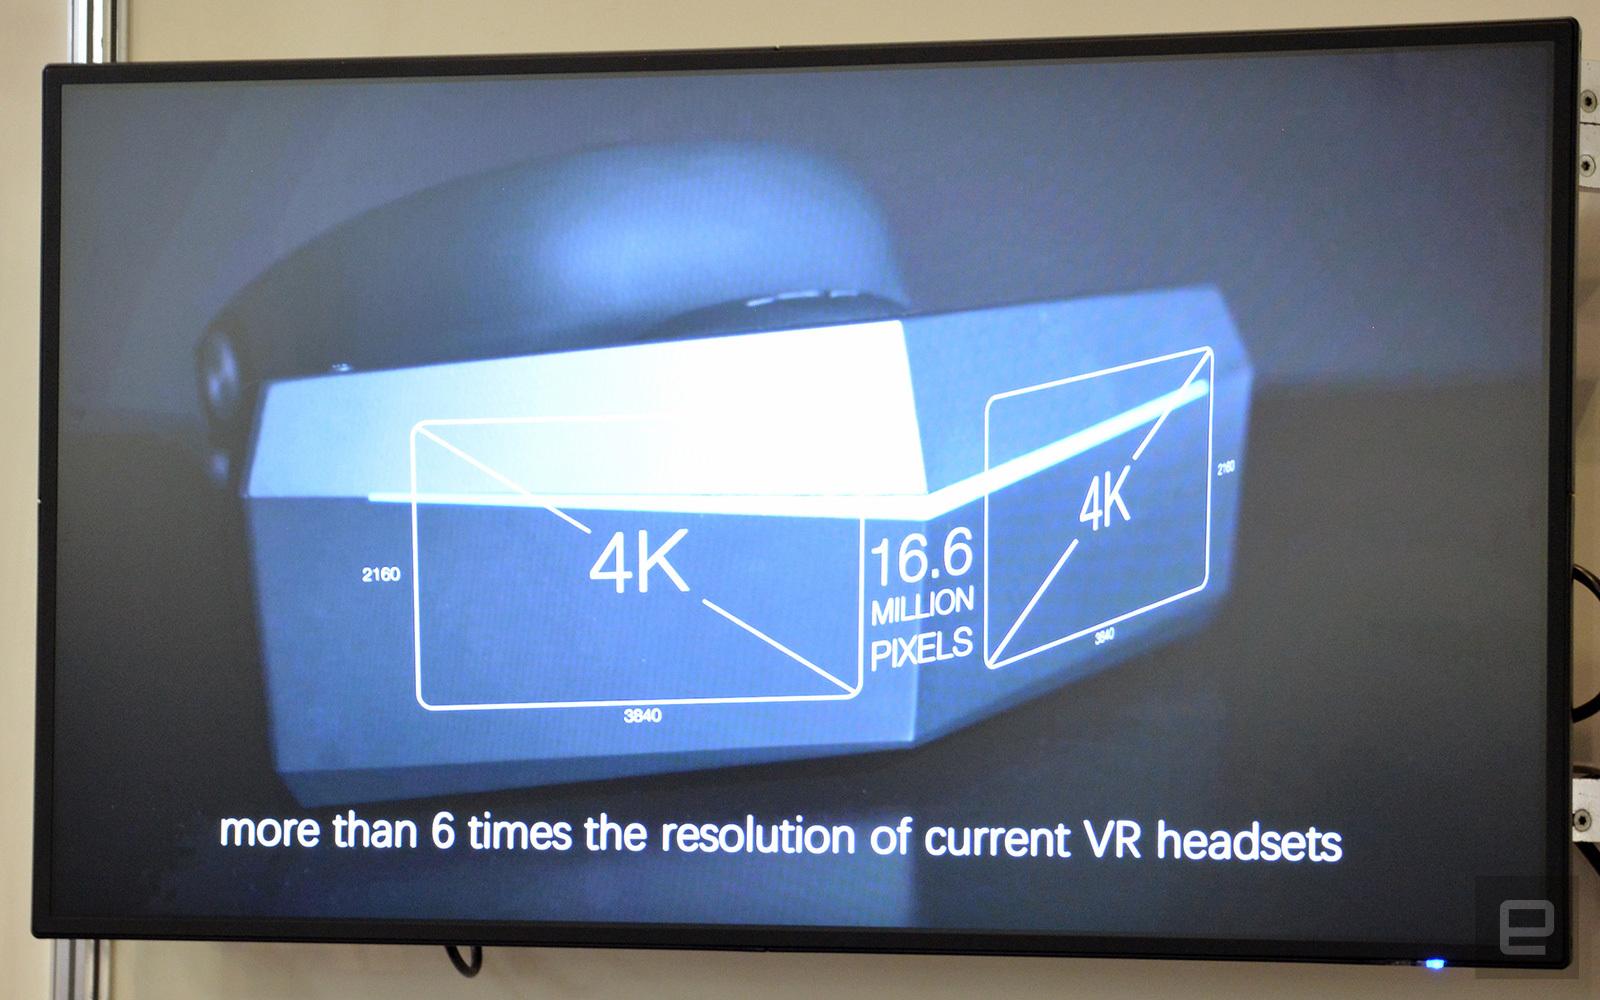 b60e2acd0 ... spustil kickstarter Pimax predstavil 8K VR headset, spustil kickstarter  ...